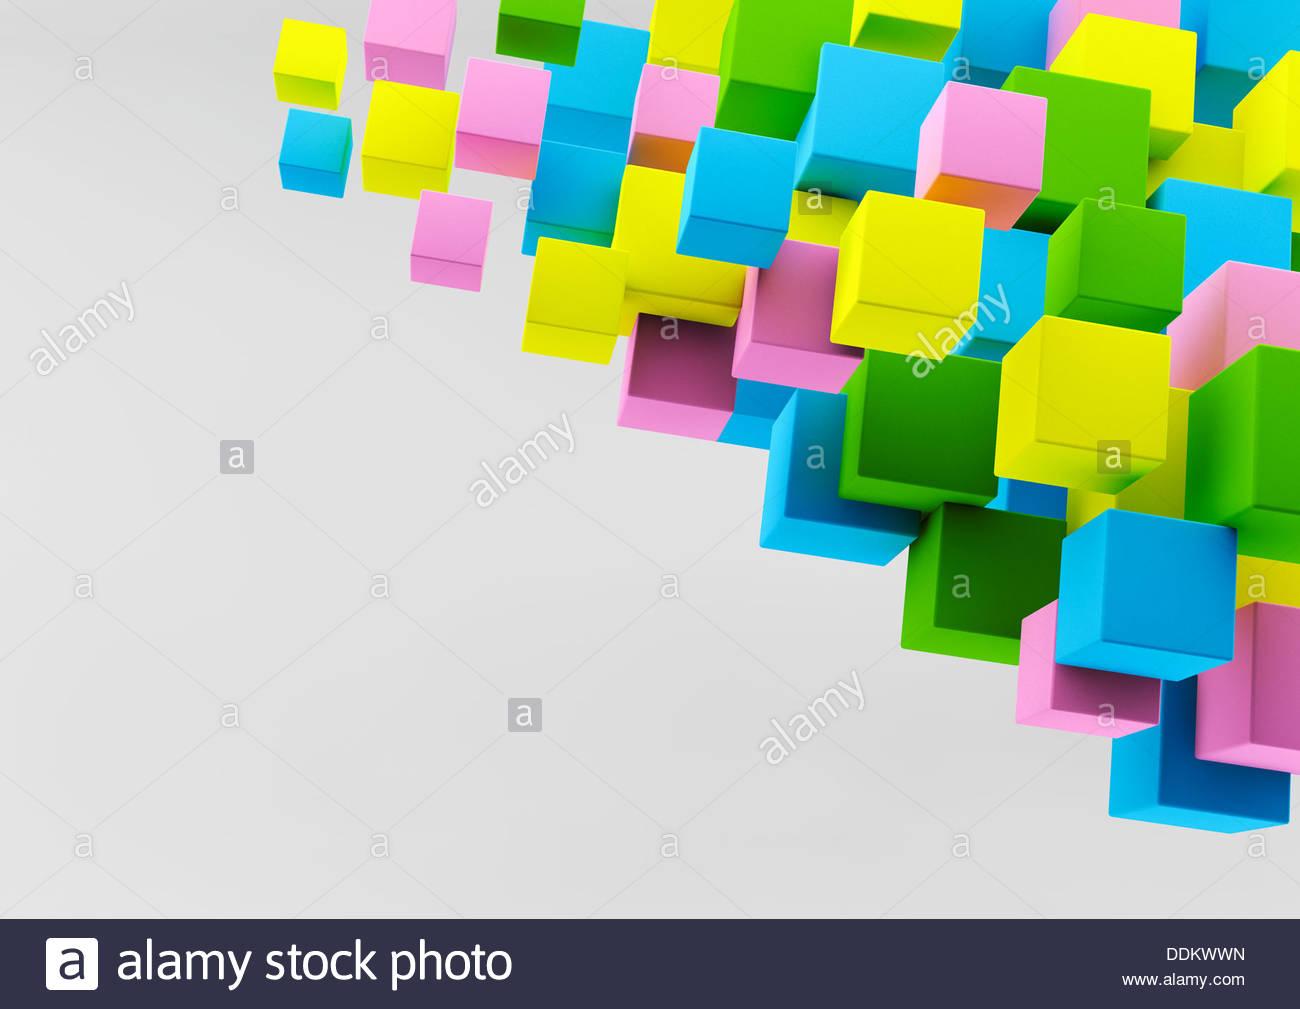 Abstract flottante cubetti multicolore Immagini Stock